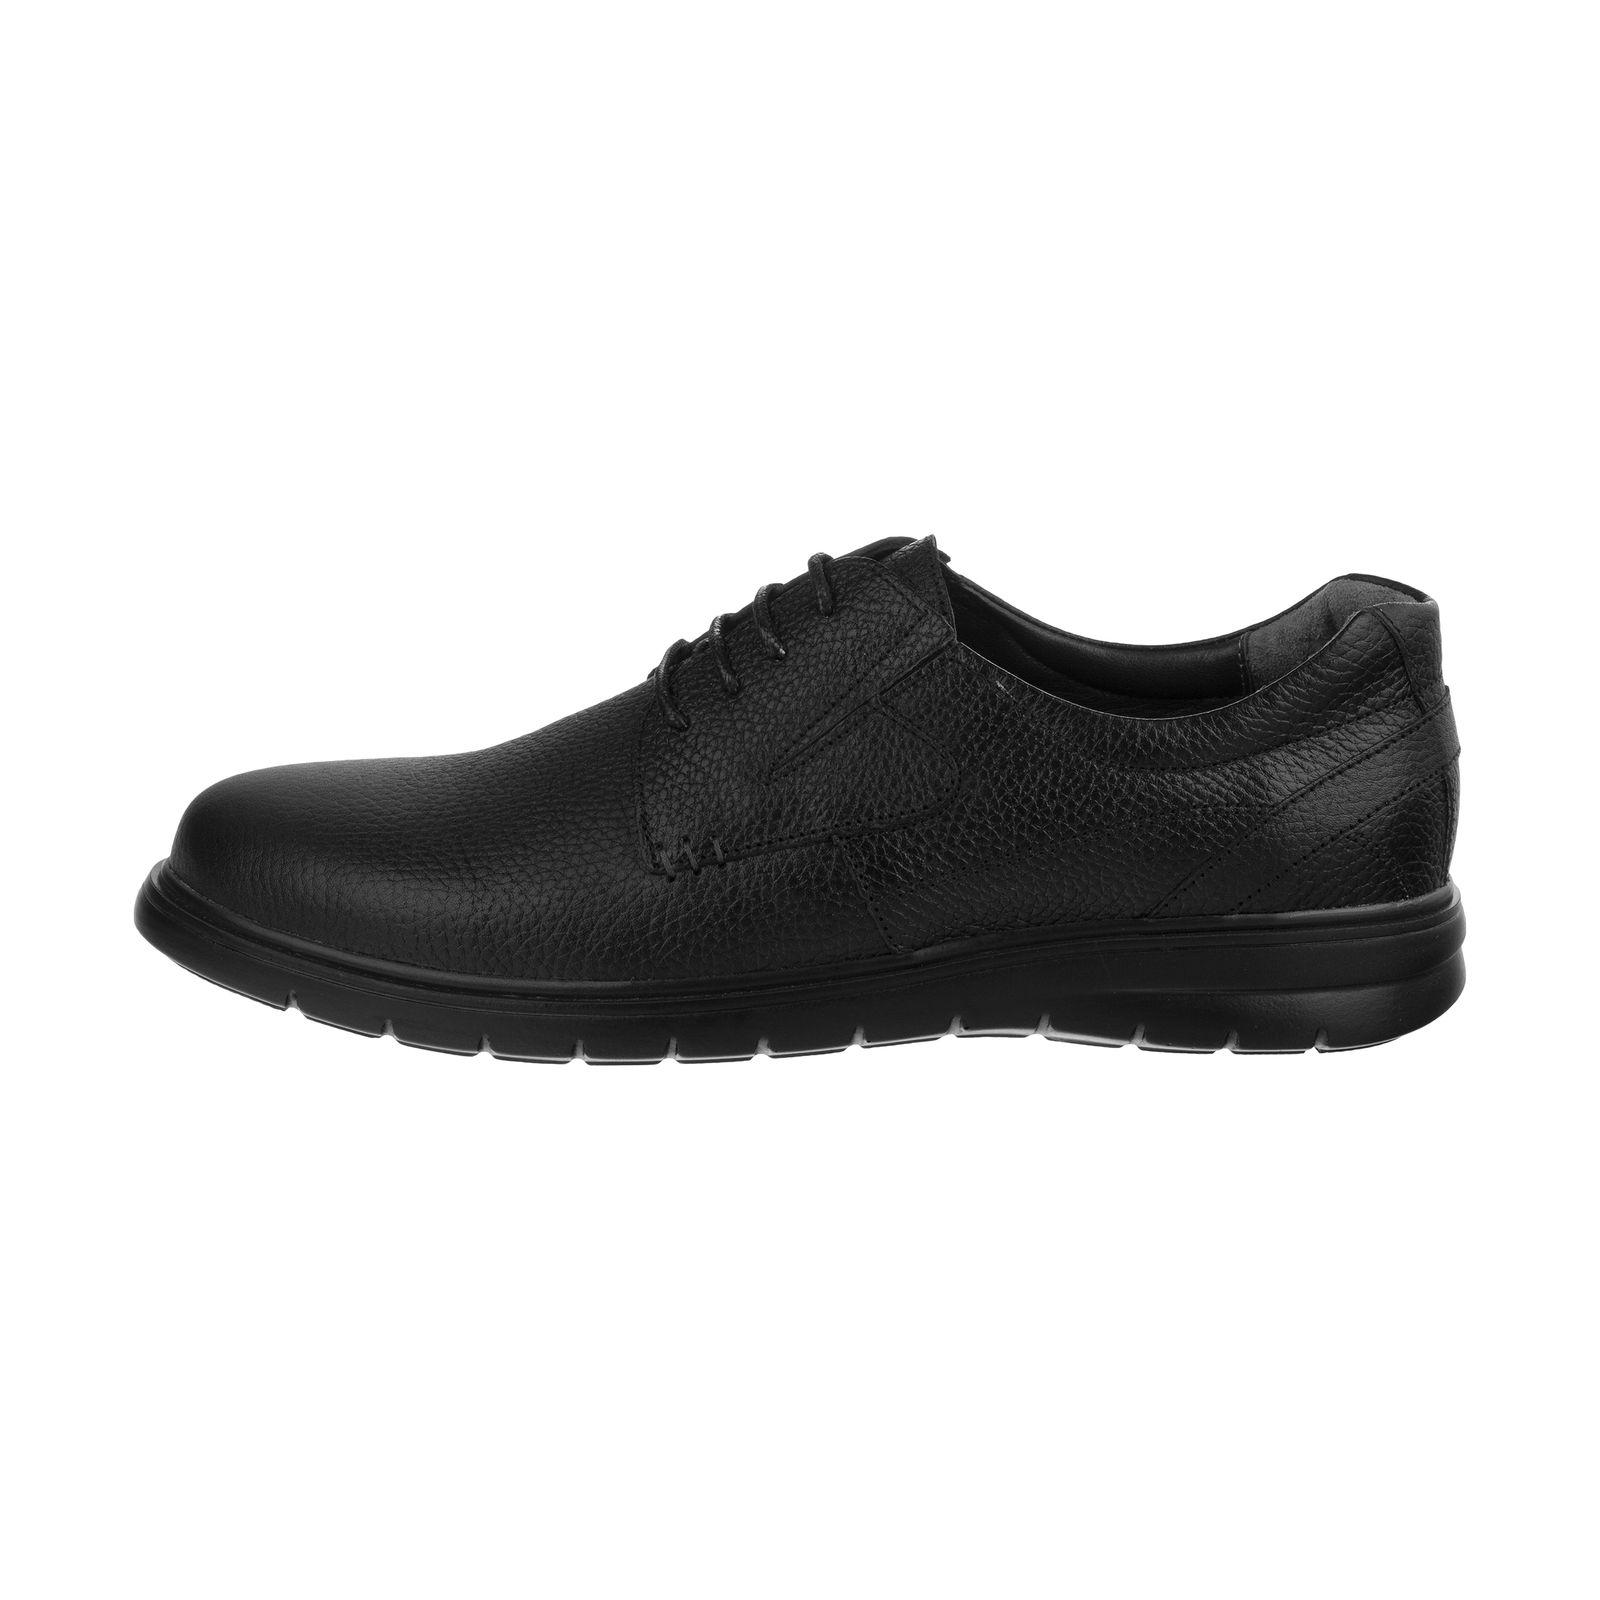 کفش روزمره مردانه سوته مدل 5001B503101 -  - 2